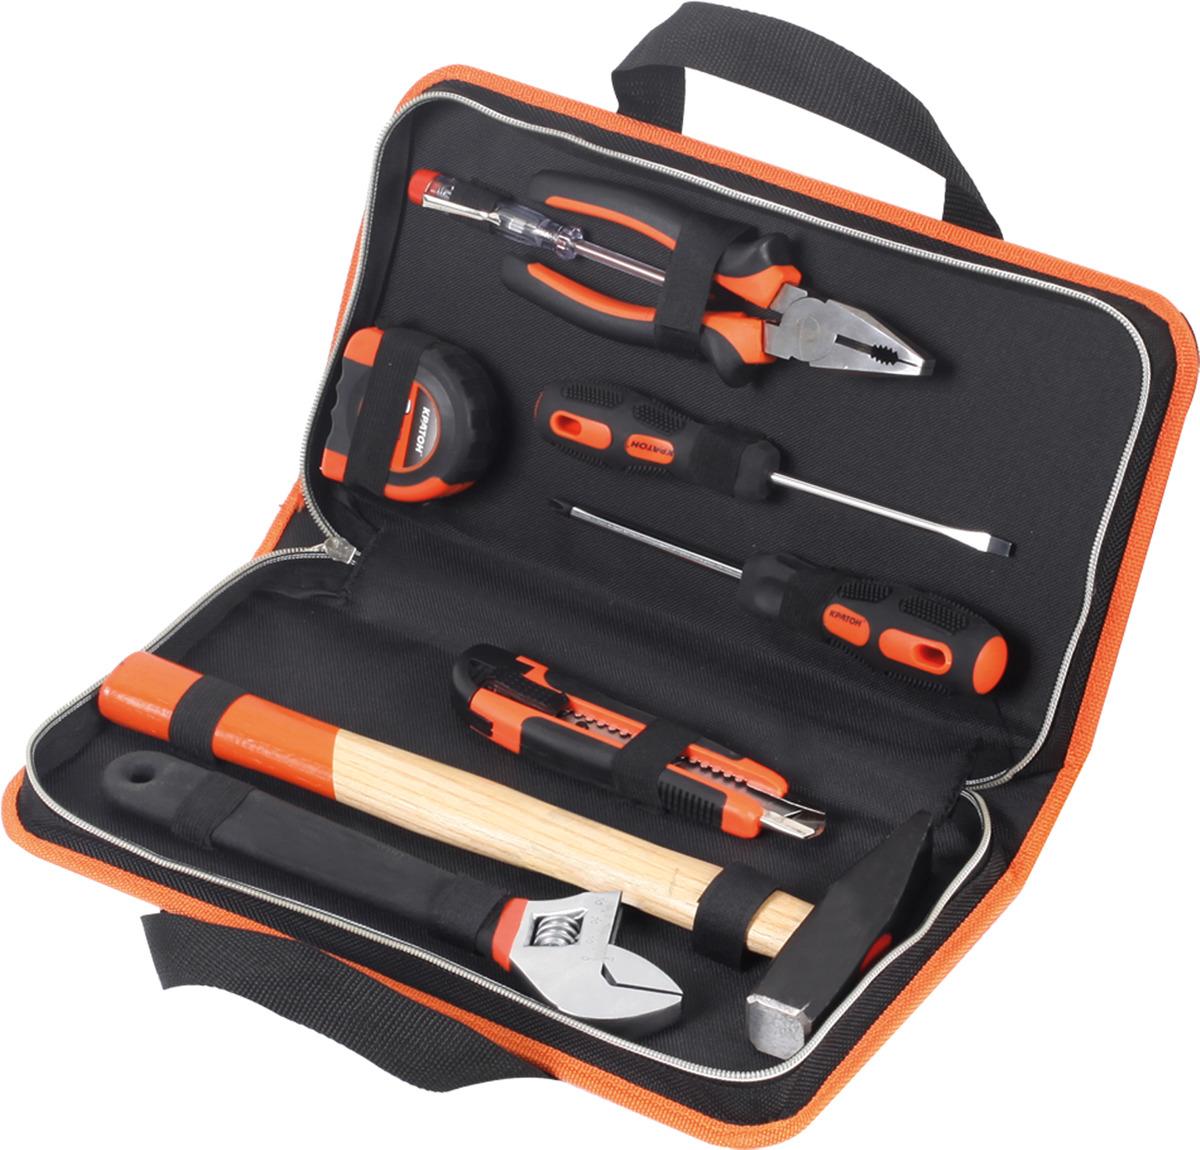 Набор слесарного инструмента Кратон ST-01/08 набор инструмента partner pa 4099